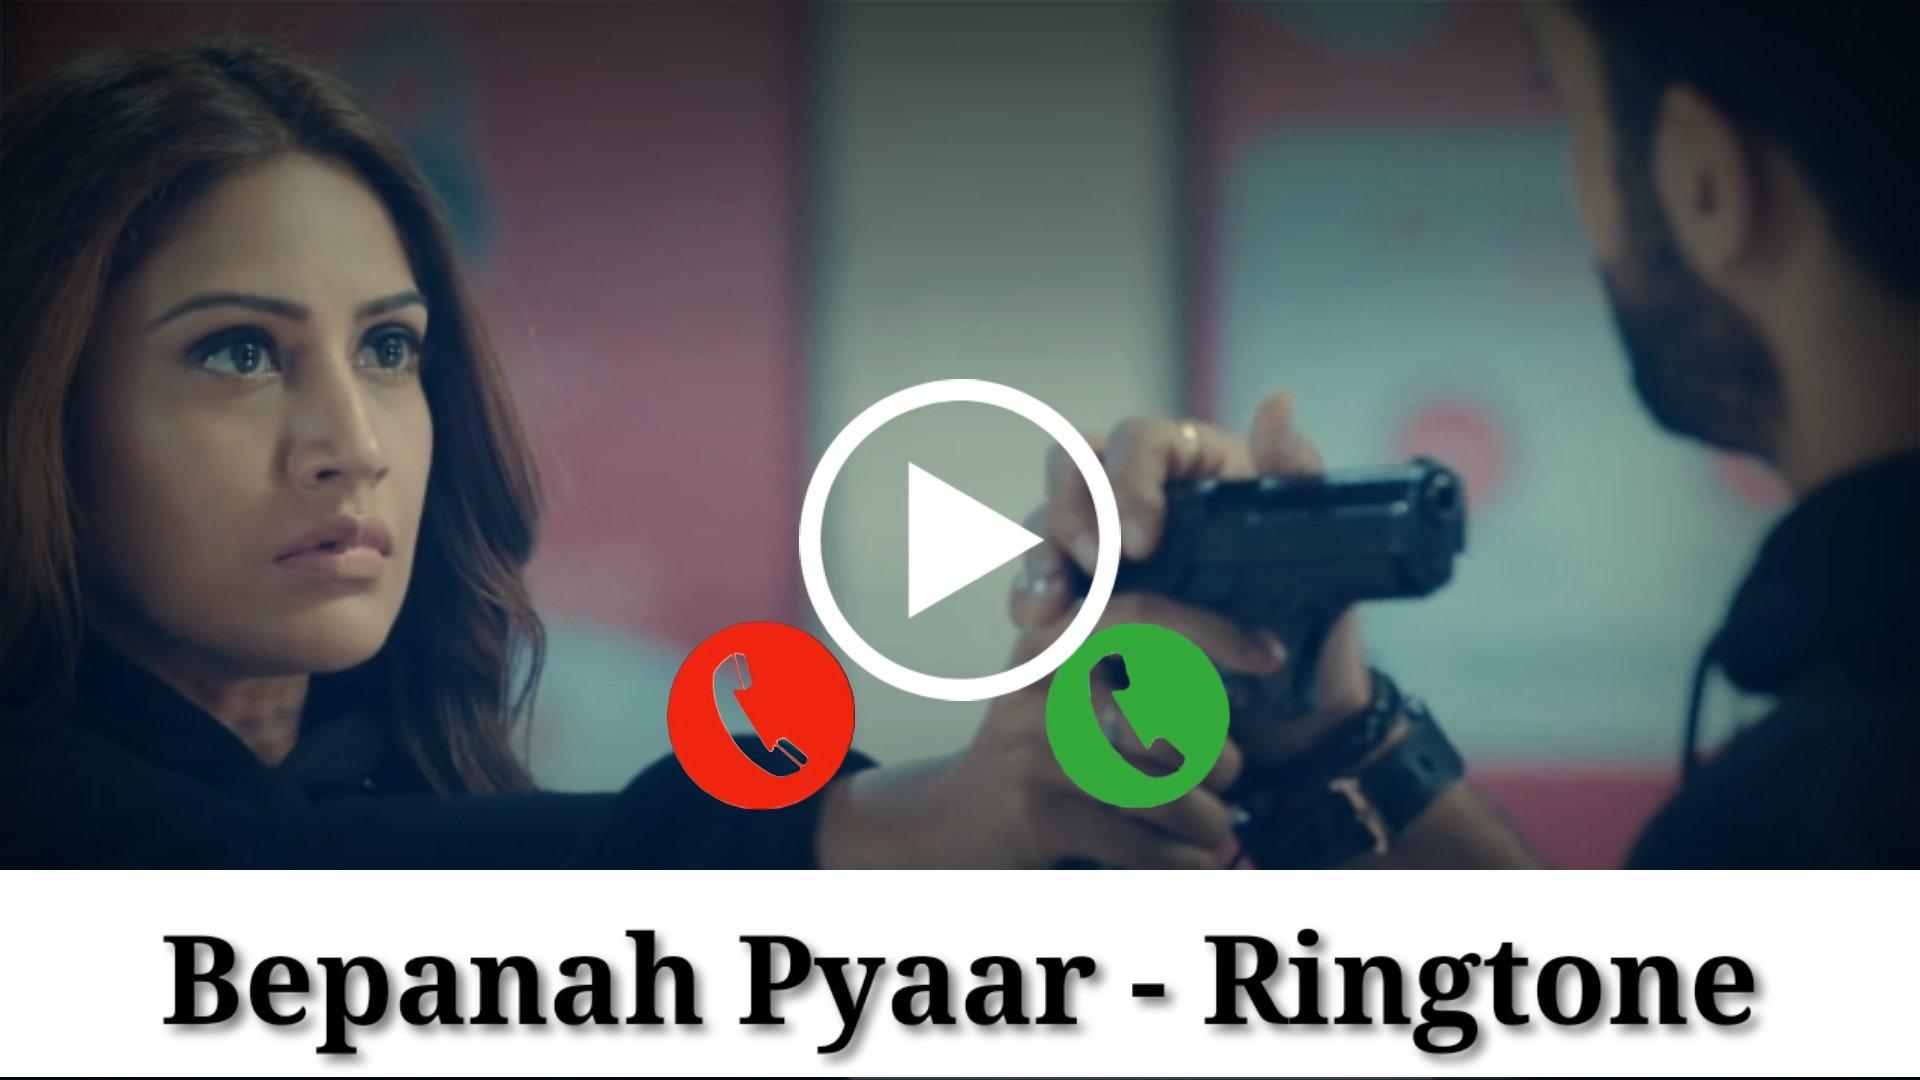 Bepanah Pyaar Mp3 Ringtone Download